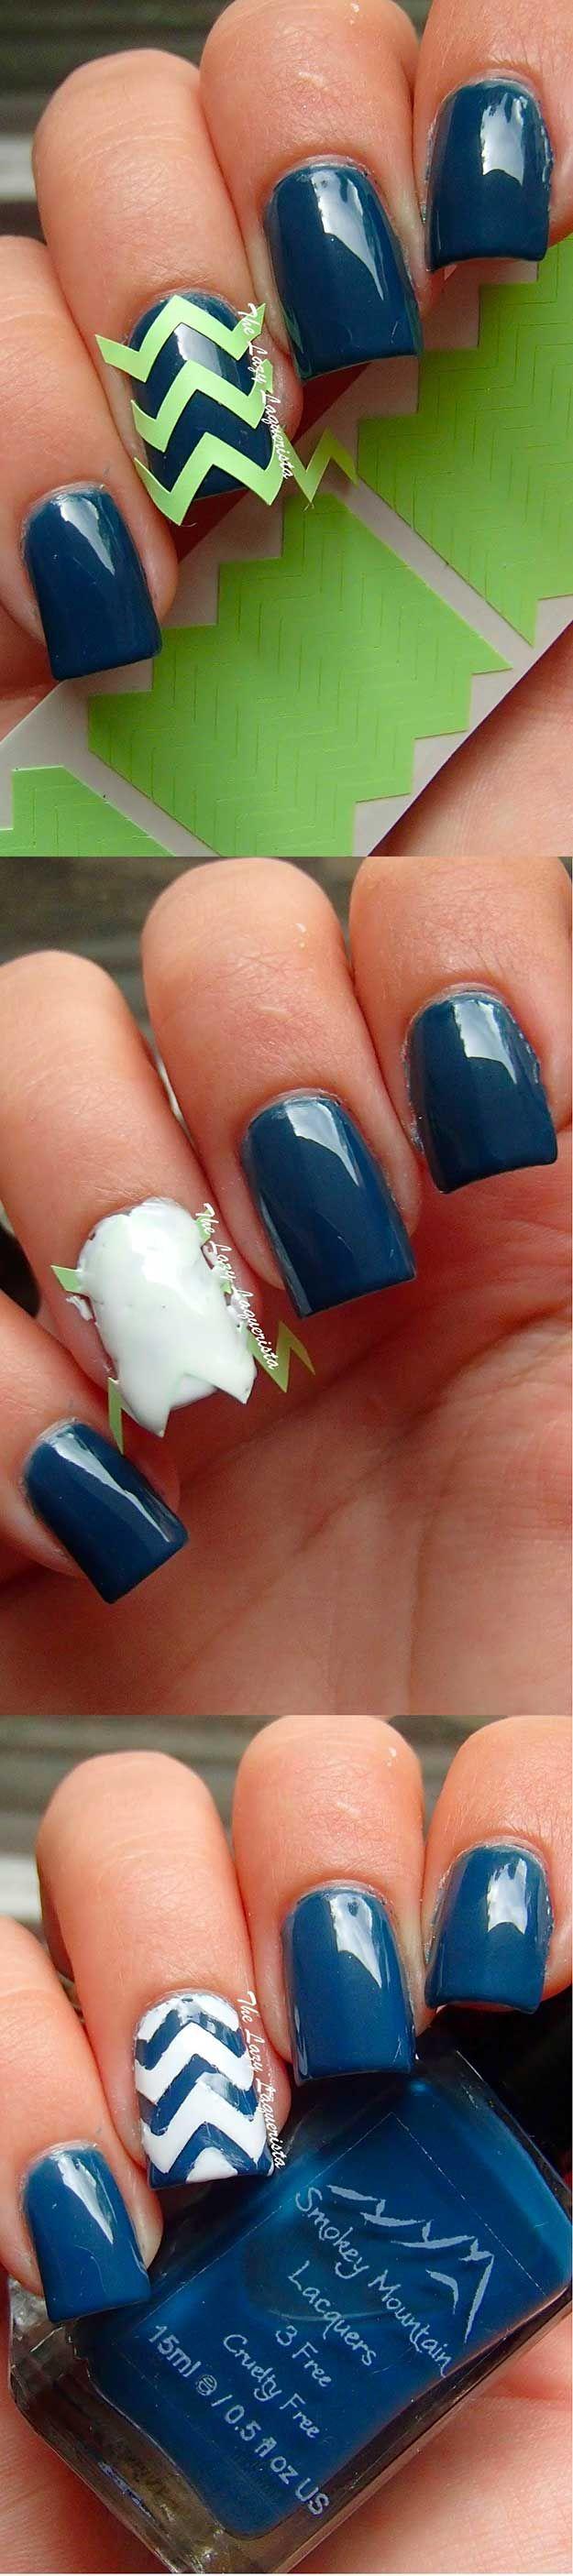 37 Chevron Nail Art Ideas | Chevron nail art, Chevron nail designs ...